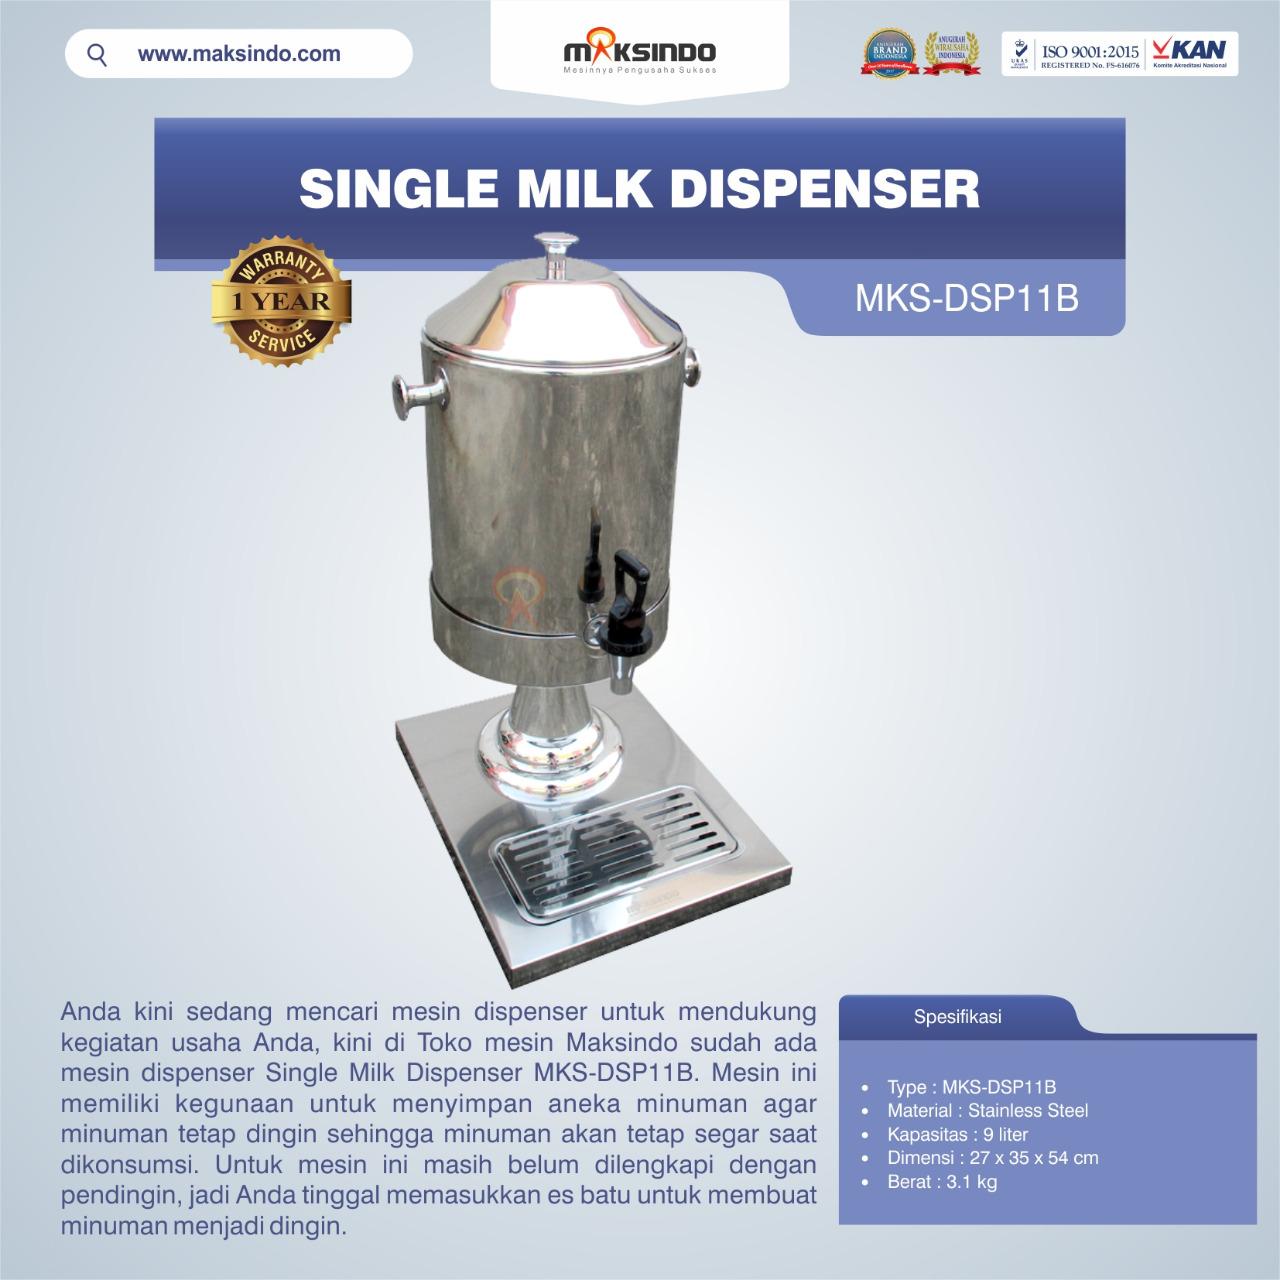 Jual Single Milk Dispenser MKS-DSP11B di Bekasi